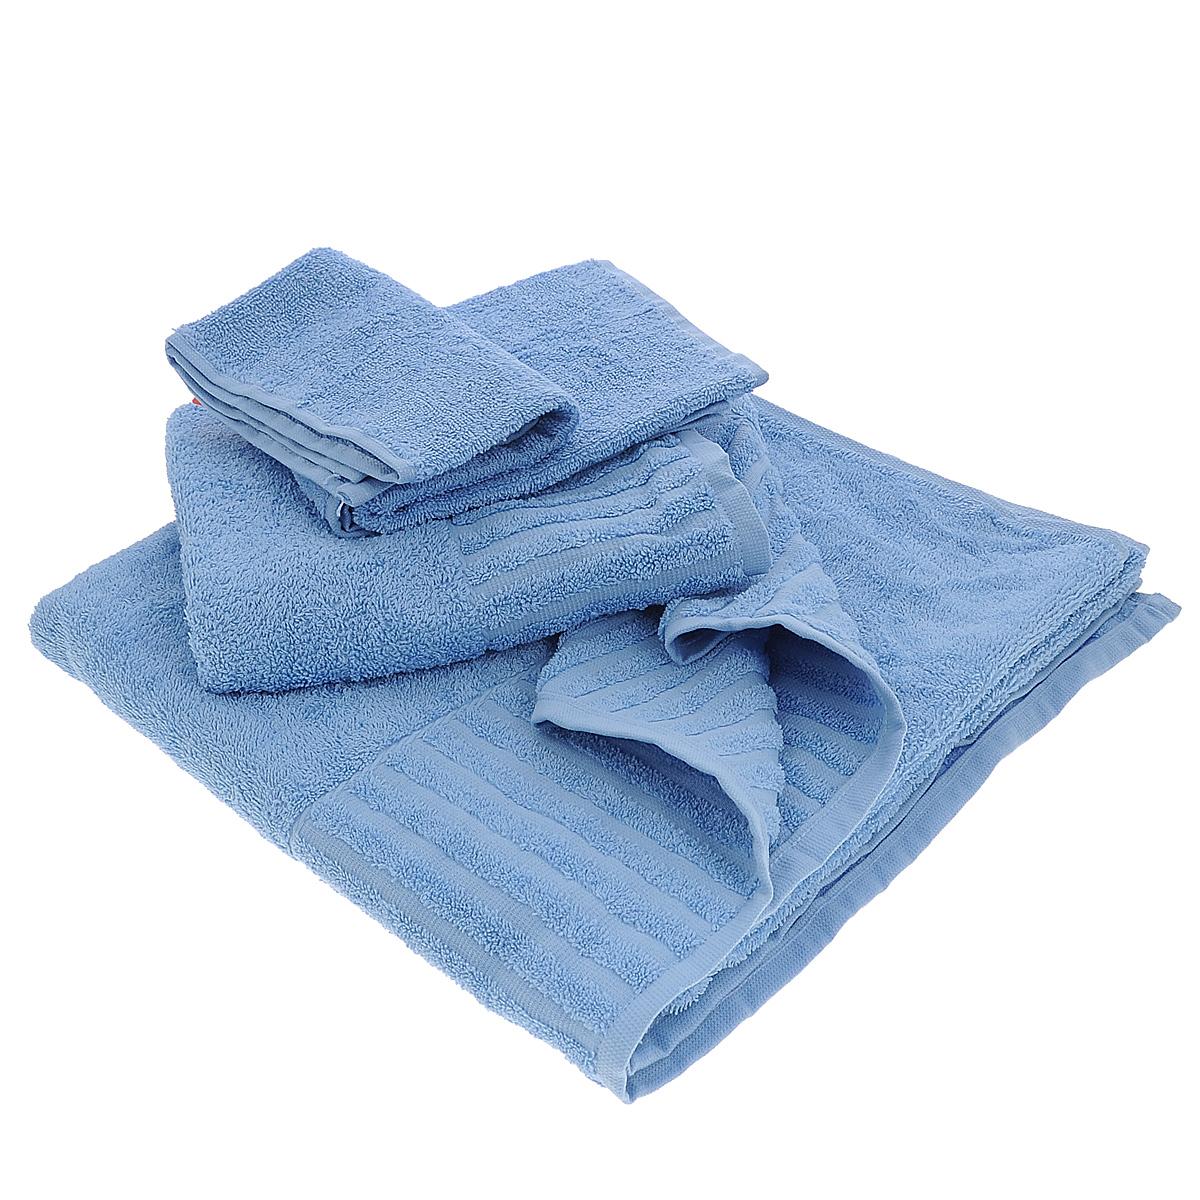 Набор махровых полотенец Bonita, цвет: голубой, 3 штS03301004Набор Bonita состоит из трех полотенец разного размера, выполненных из натурального хлопка. Такие полотенца отлично впитывают влагу, быстро сохнут, сохраняют яркость цвета и не теряют формы даже после многократных стирок. Полотенца очень практичны и неприхотливы в уходе. Размер полотенец: 40 см х 70 см; 50 см х 90 см; 70 см х 140 см.